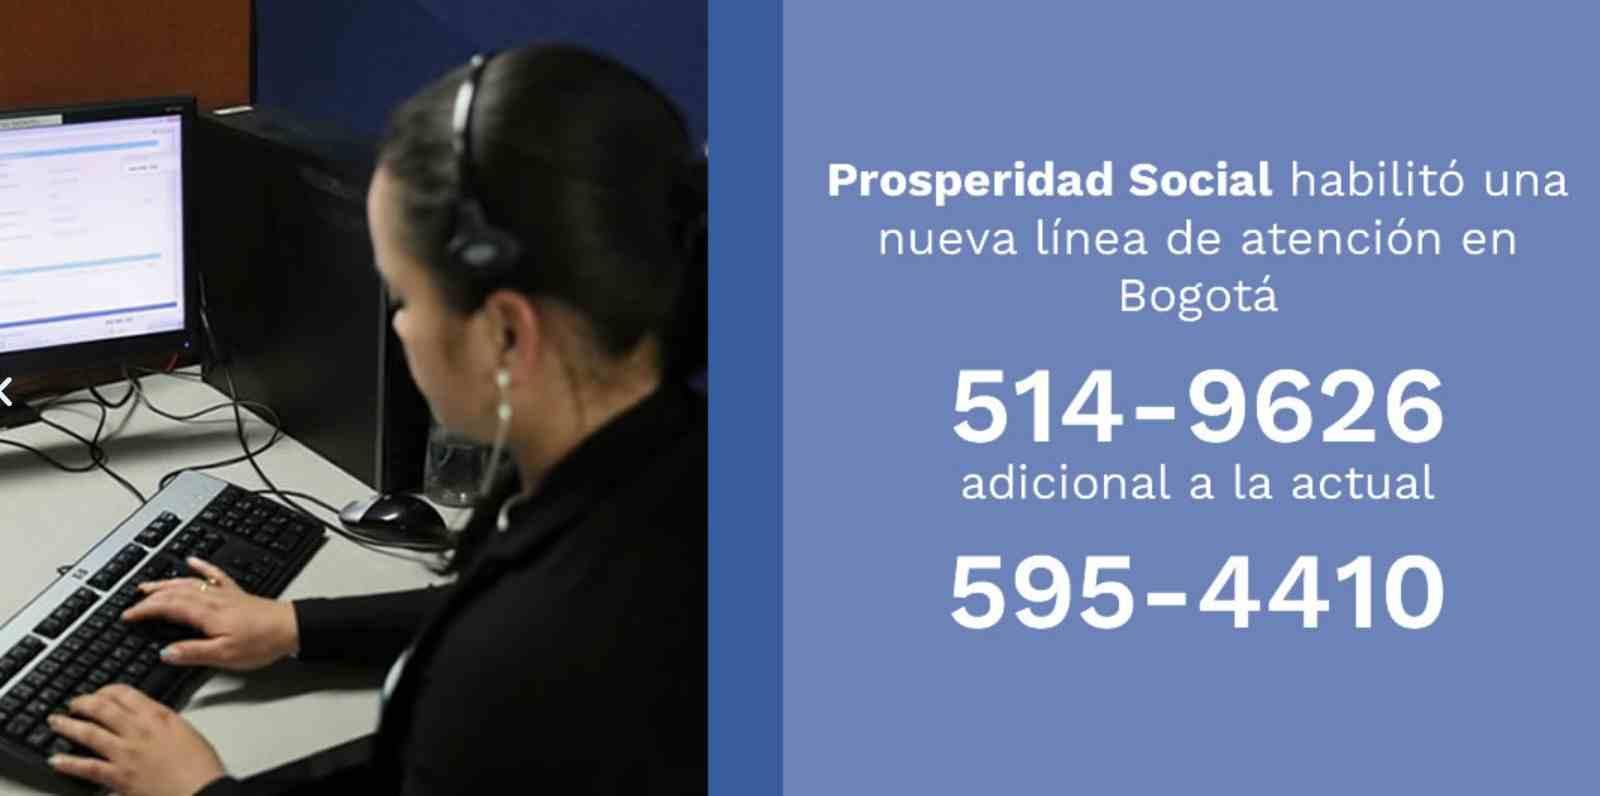 Nueva línea de atención del DPS para el Ingreso Solidario